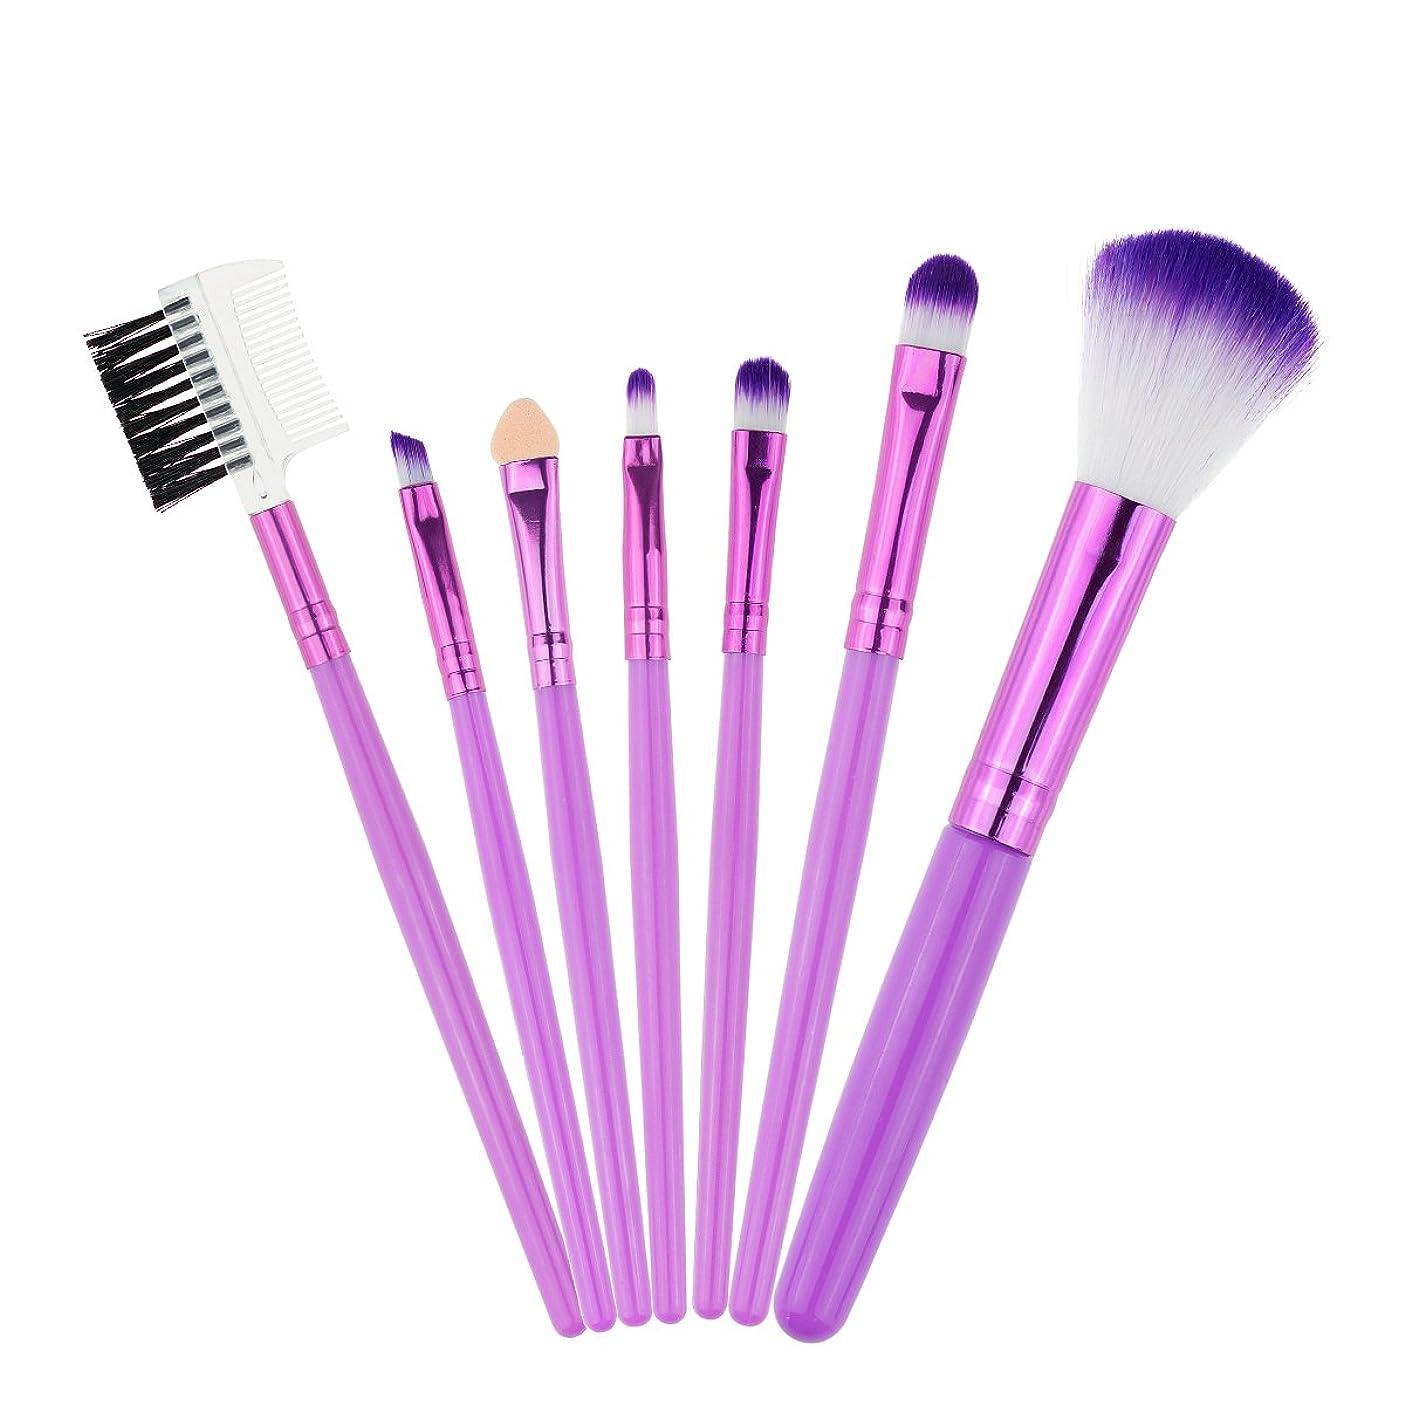 ホーム遠いシリング化粧筆 コスメ ブラシ メイクブラシセット 高品質PUレザー化粧ポーチ付き …